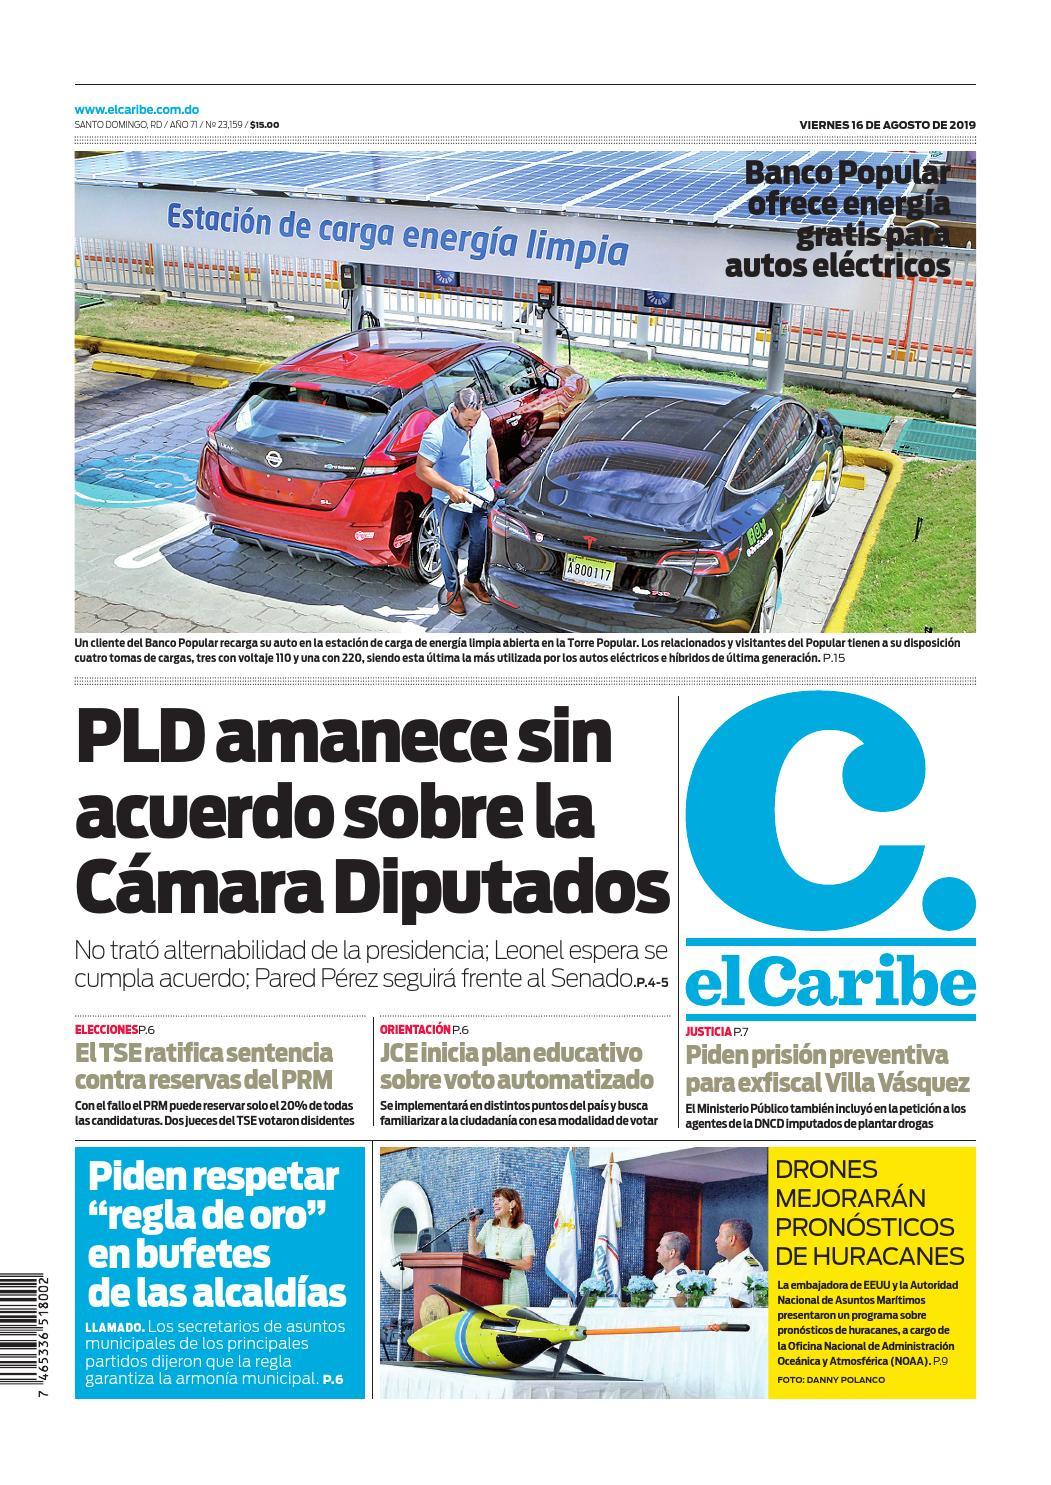 Portada Periódico El Caribe, Viernes 16 de Agosto, 2019